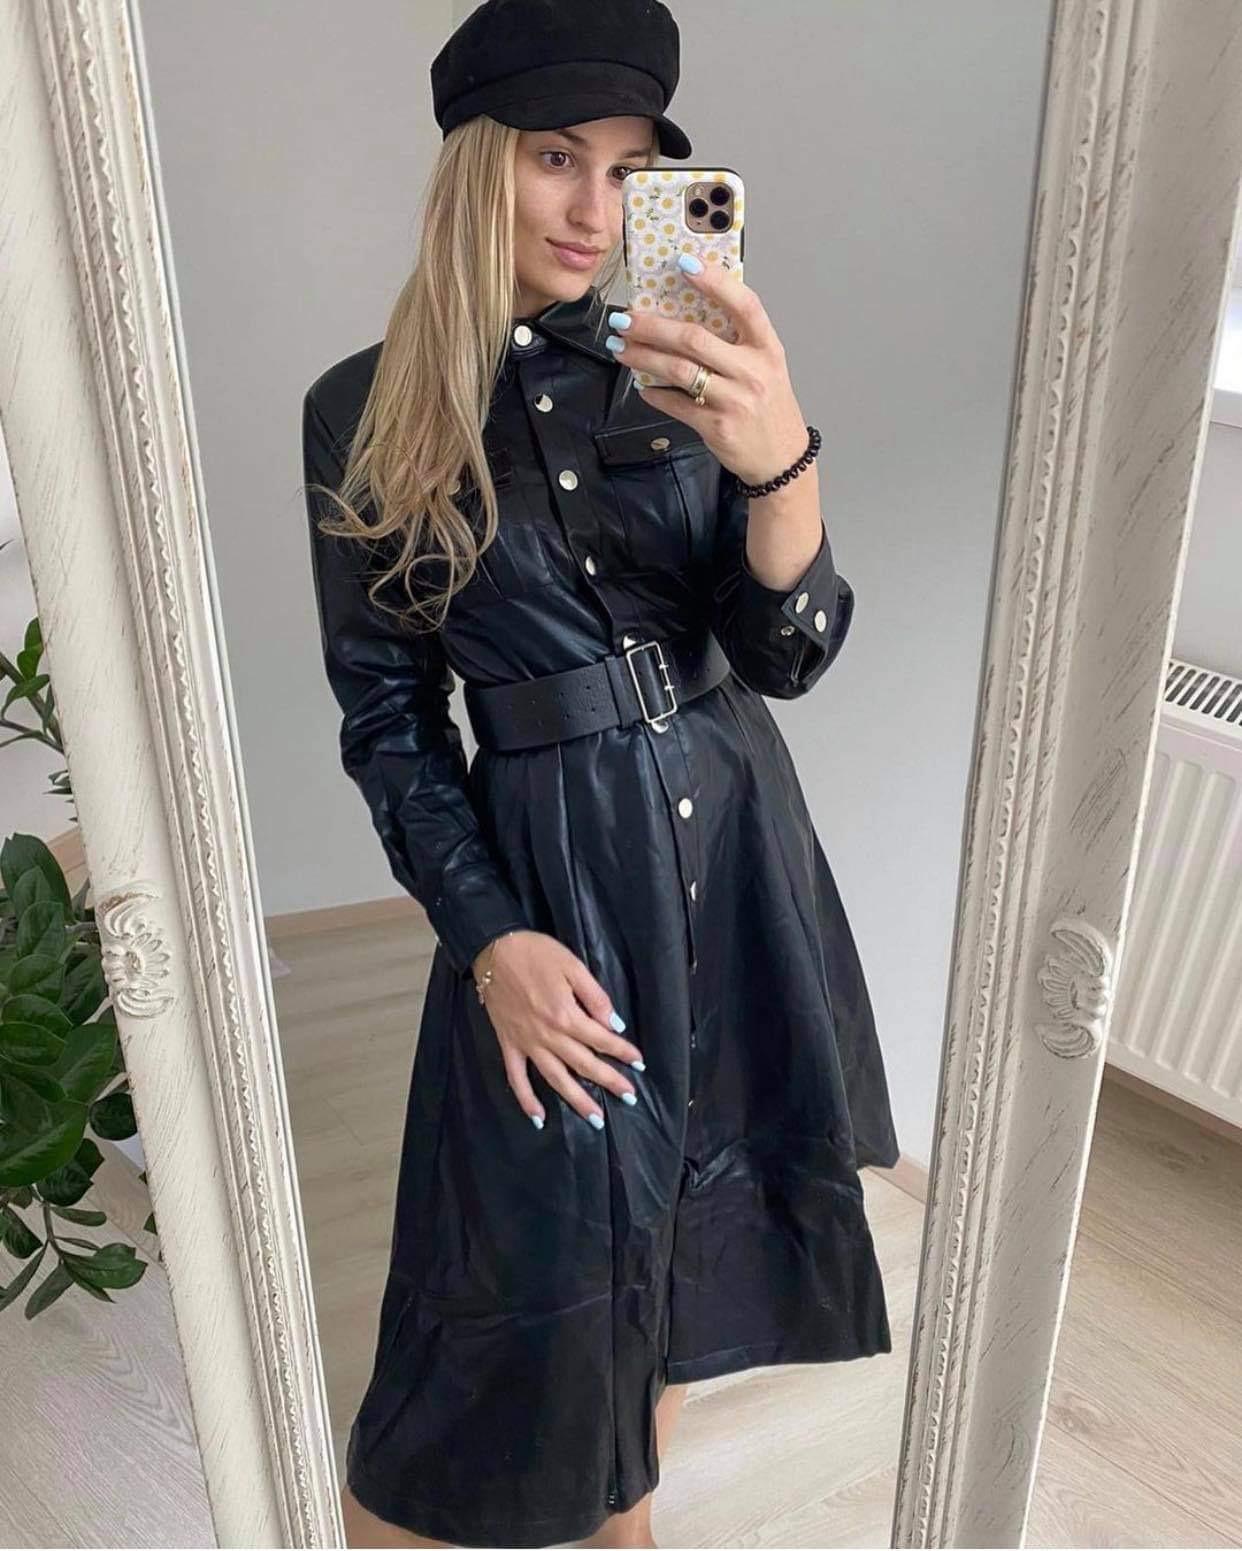 Eko odos ilga suknelė su knopkėm